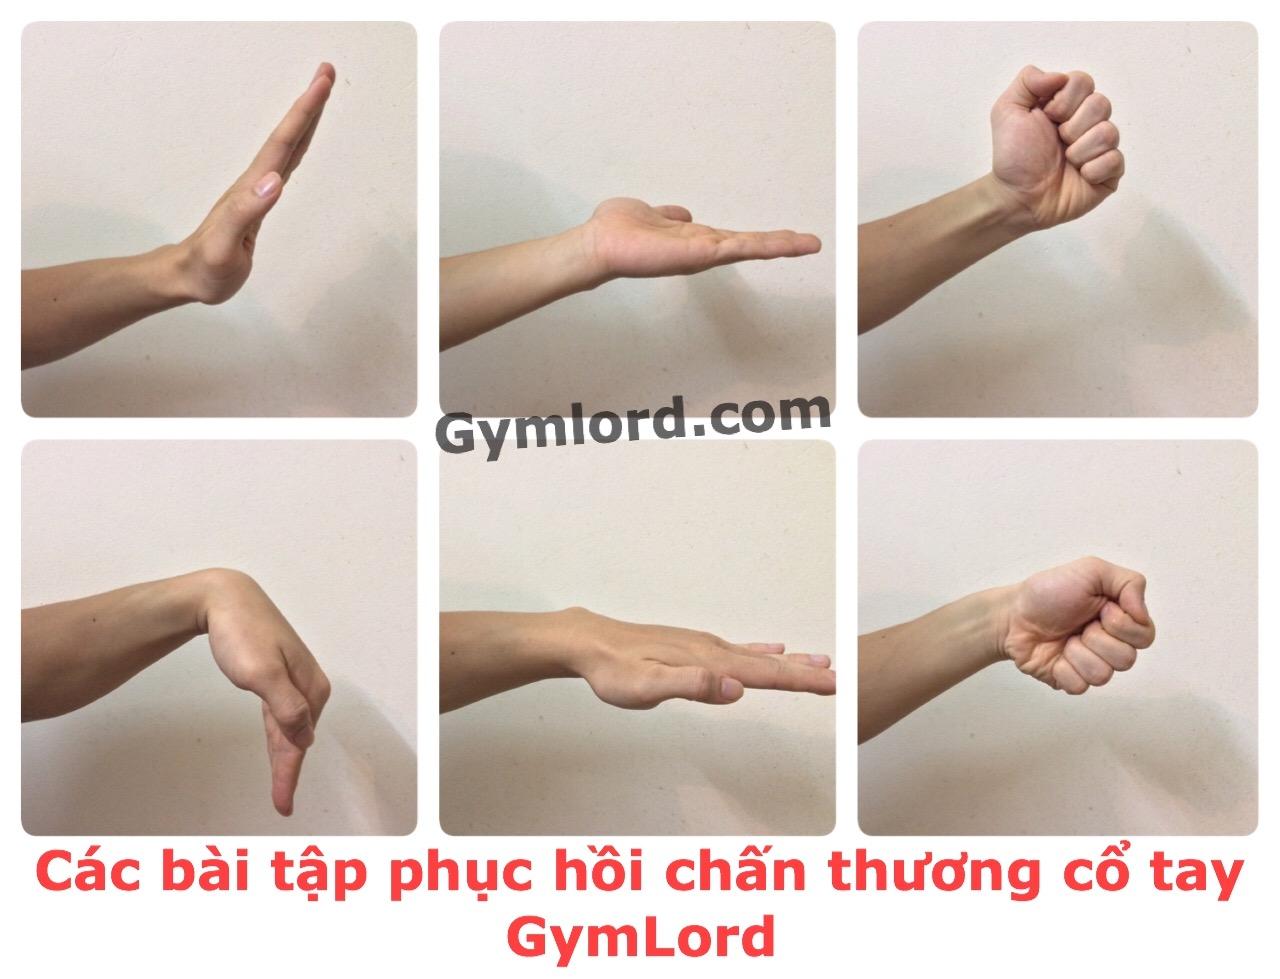 Bài tập phục hồi chấn thương cổ tay 2